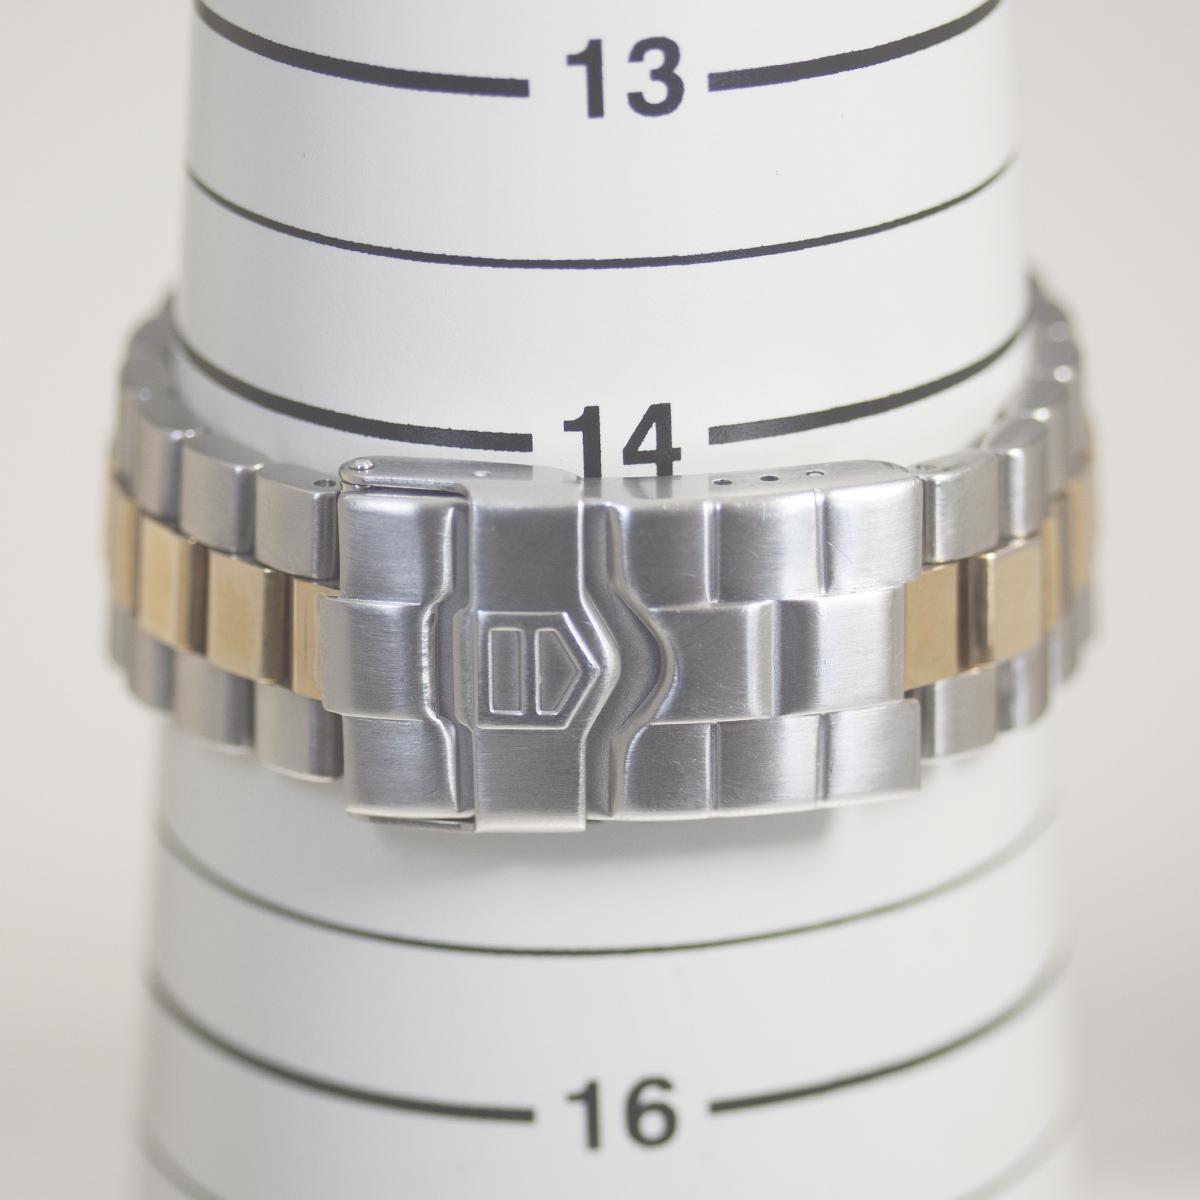 【TAG HEUER】タグホイヤー WK1121「プロフェッショナル 200m」クォーツ メンズ 腕時計【中古品】_画像8